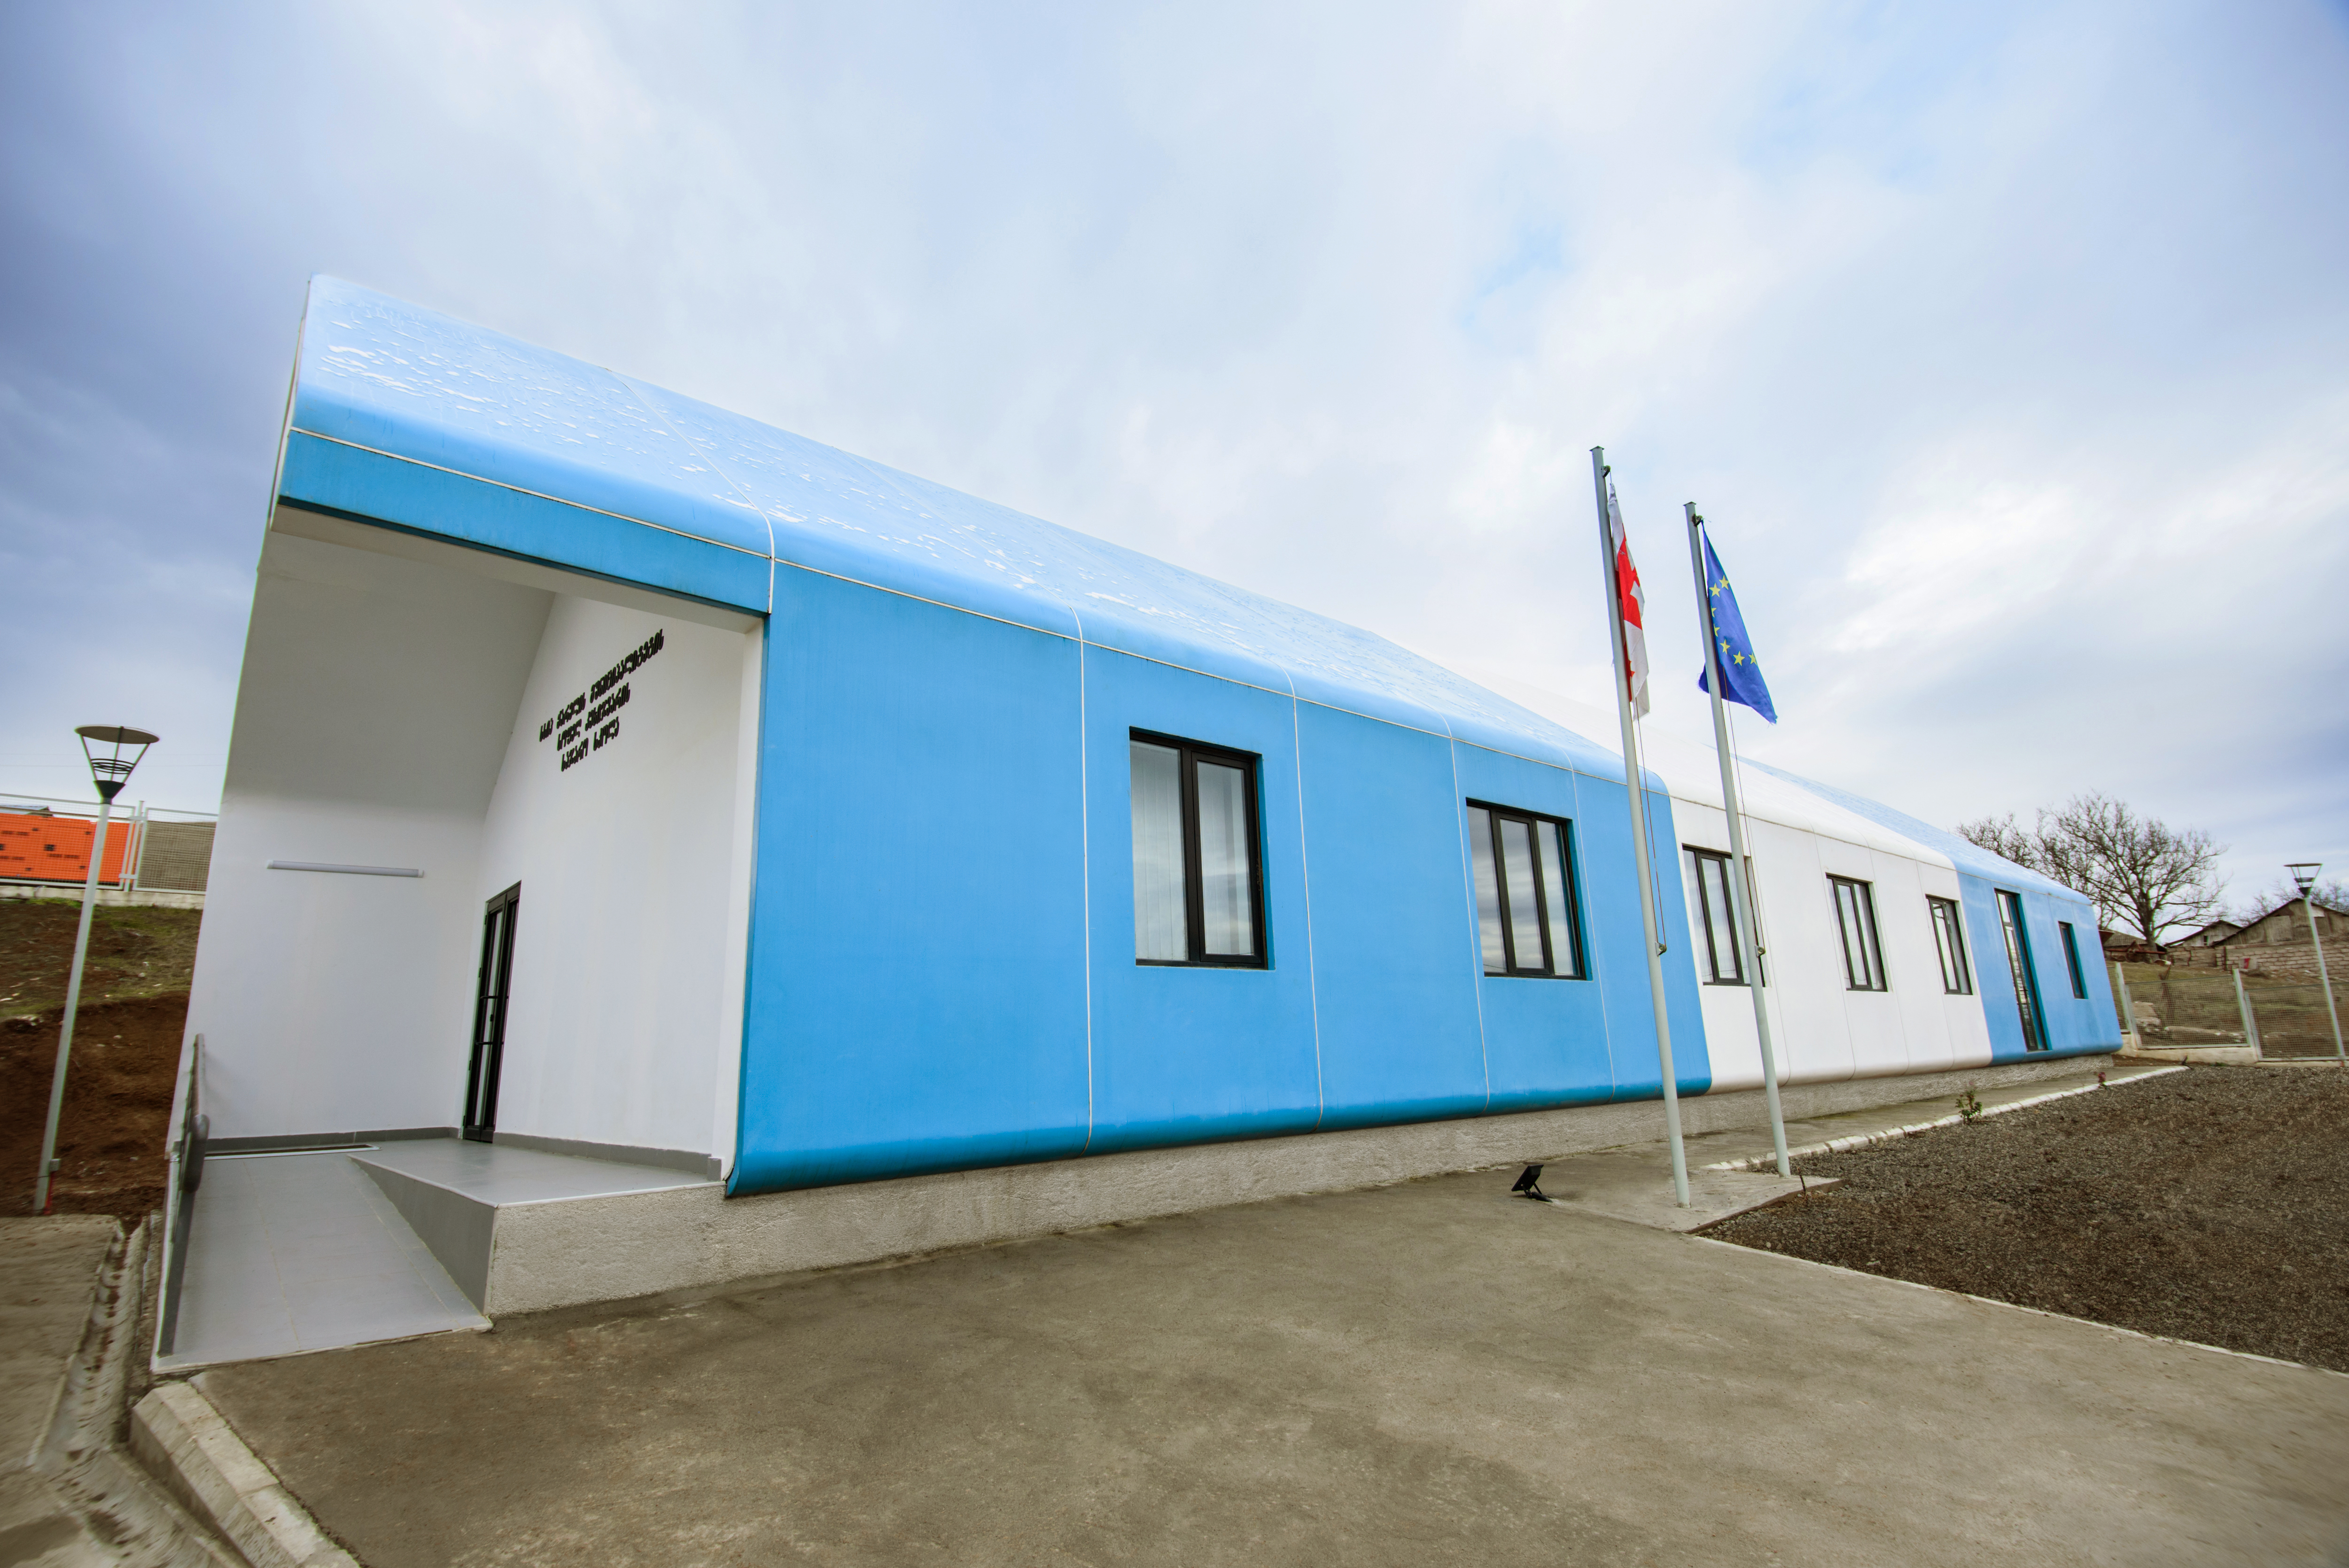 ქარელის მუნიციპალიტეტის სოფელ კეხიჯვარის საჯარო სკოლა